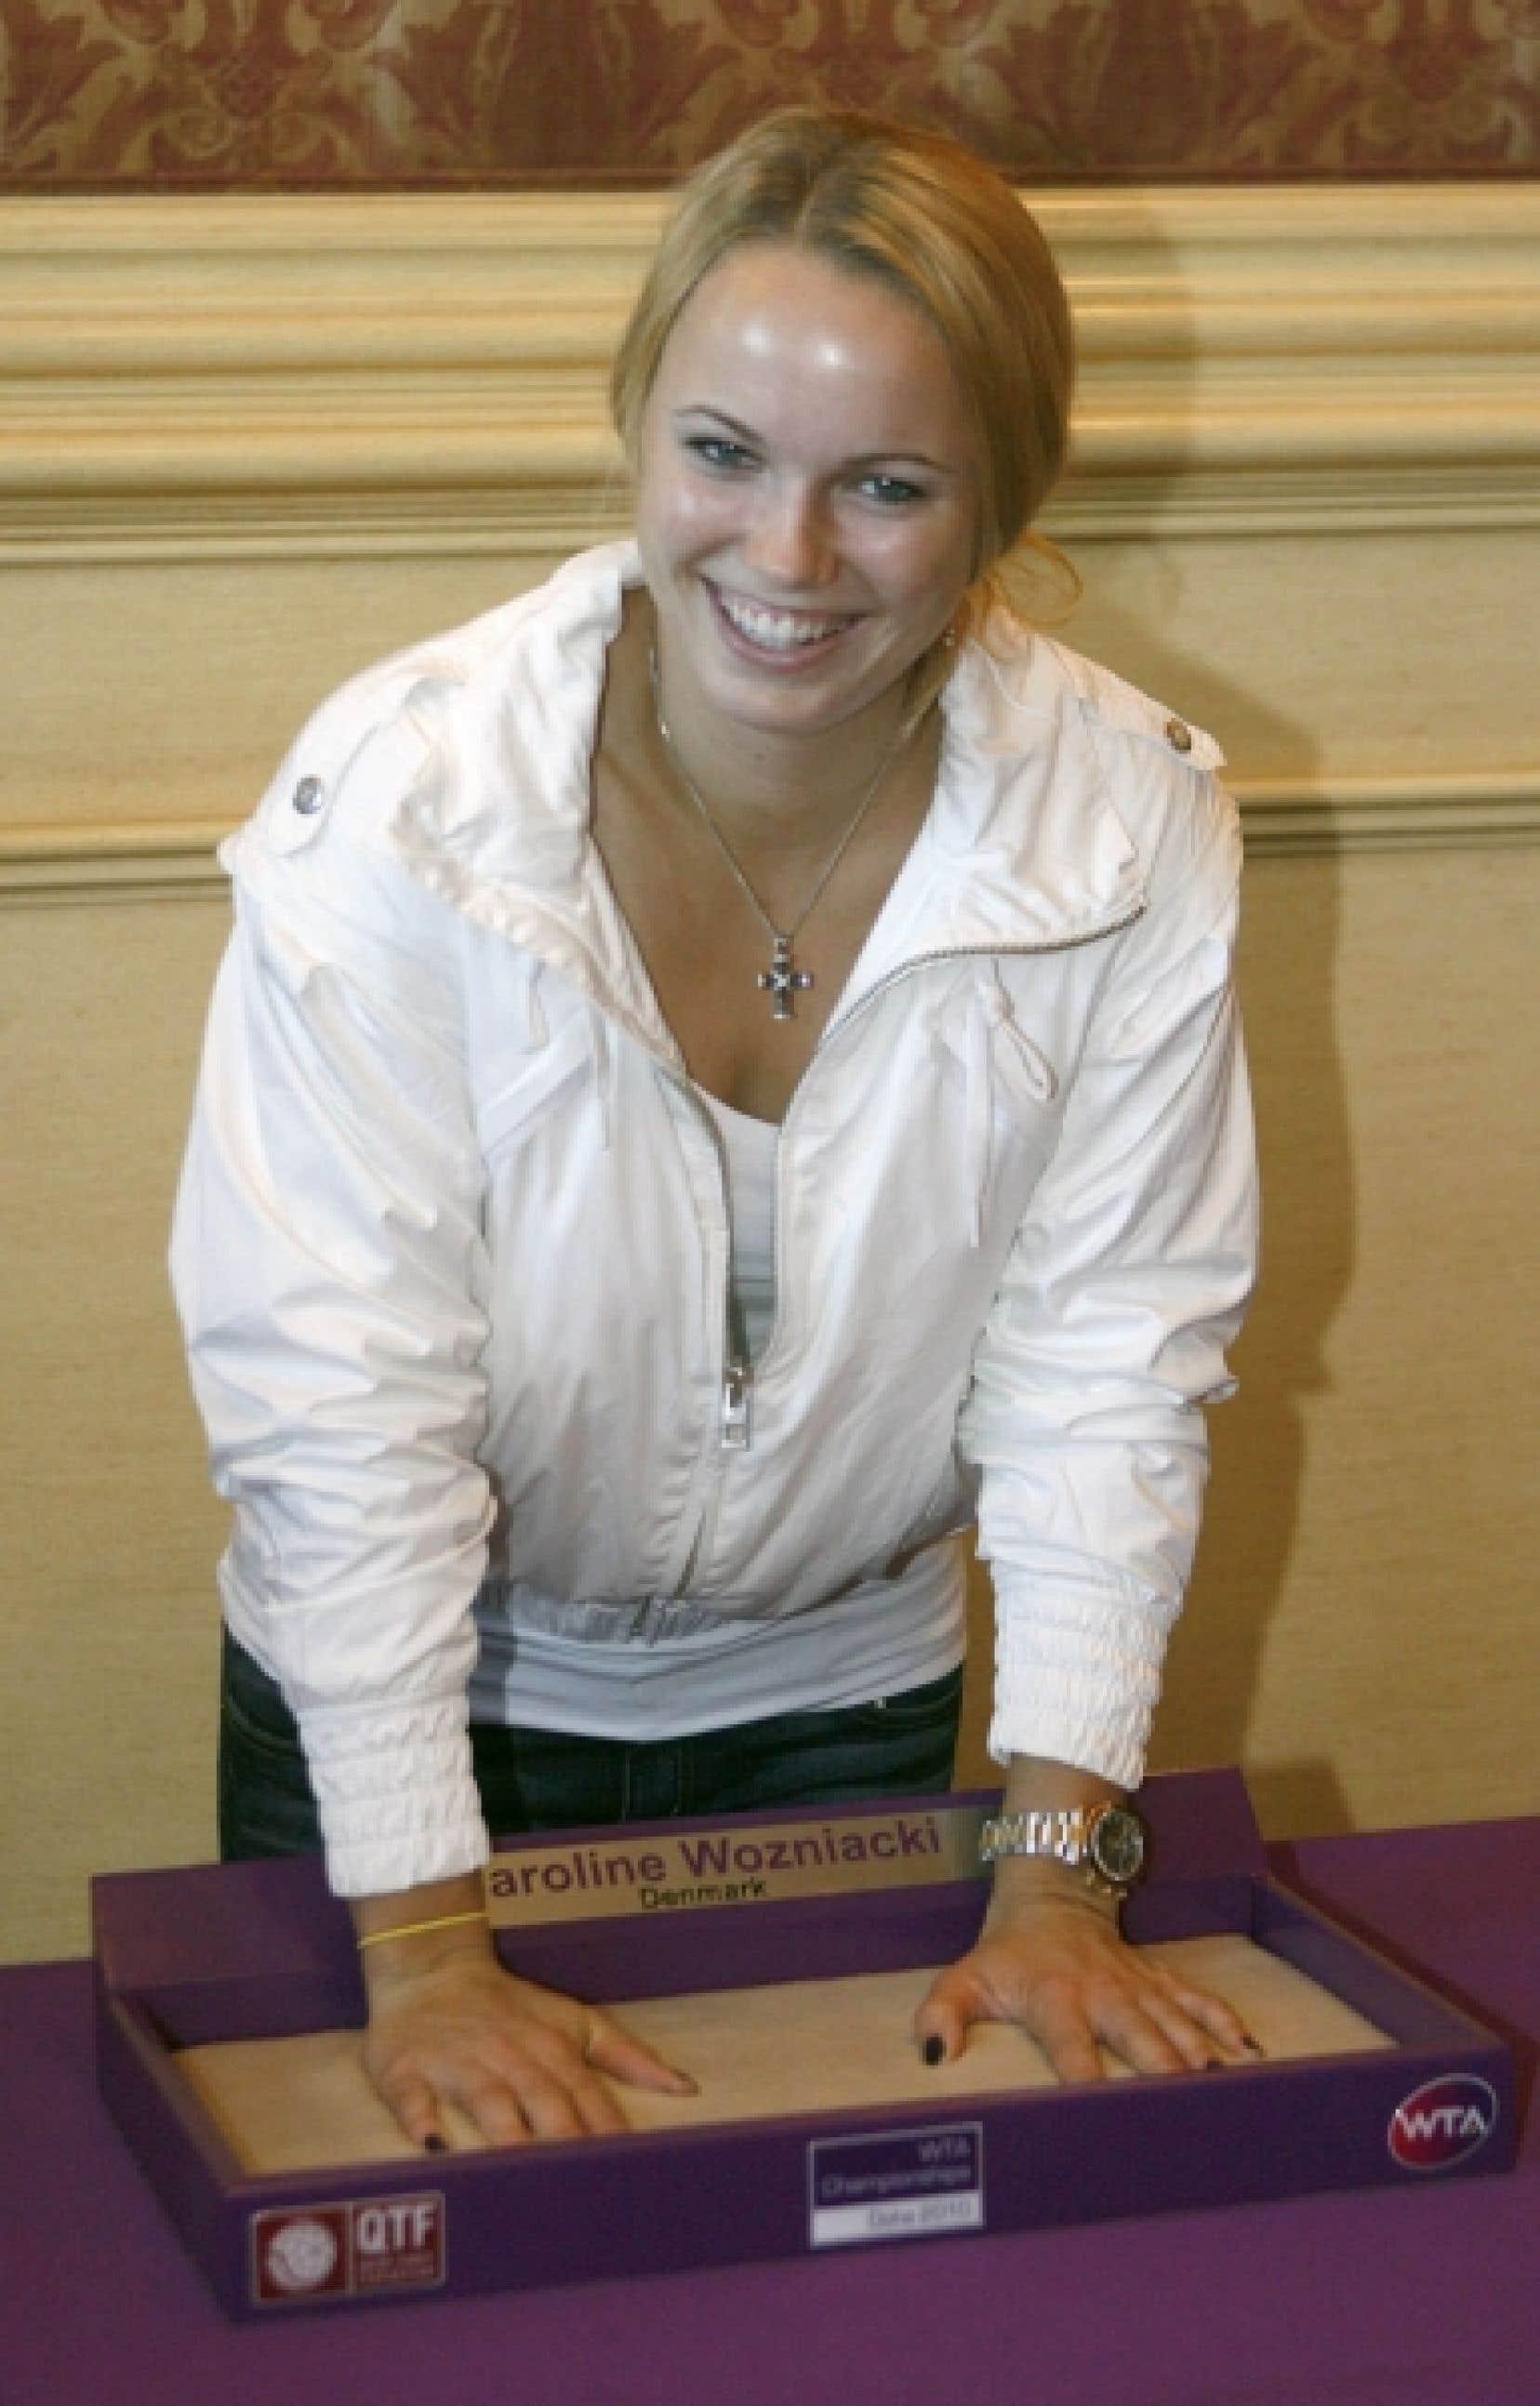 Caroline Wozniacki<br />